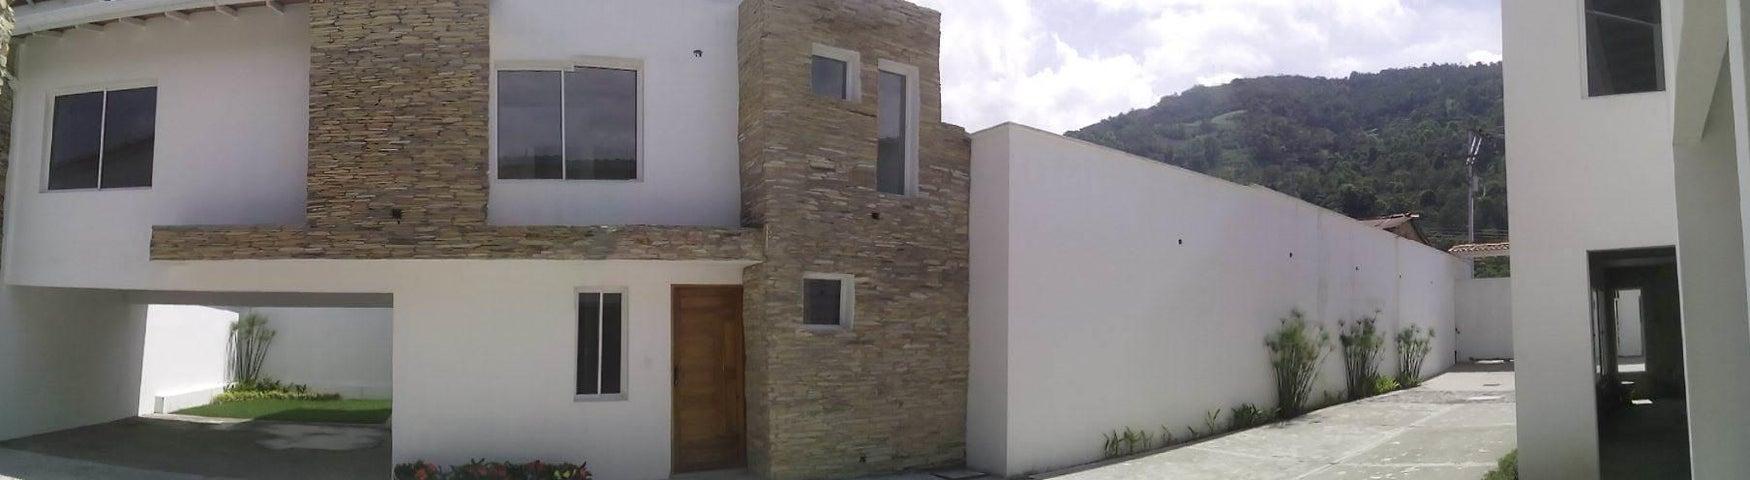 Townhouse Merida>Merida>La Pedregosa - Venta:55.000 Precio Referencial - codigo: 19-9494